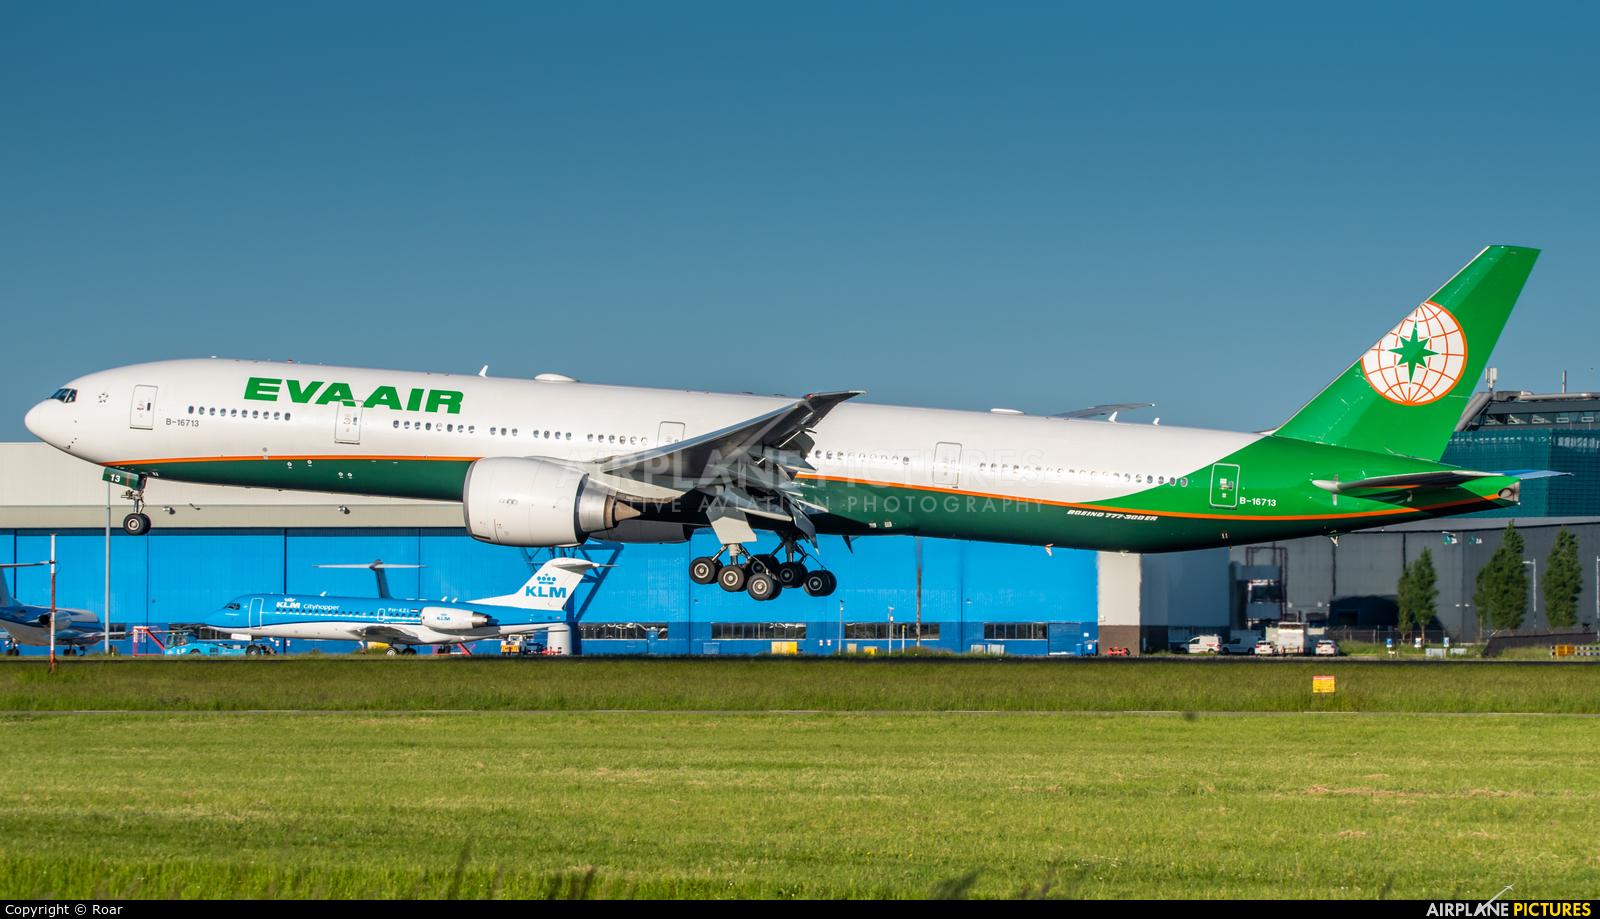 Eva Air B-16713 aircraft at Amsterdam - Schiphol